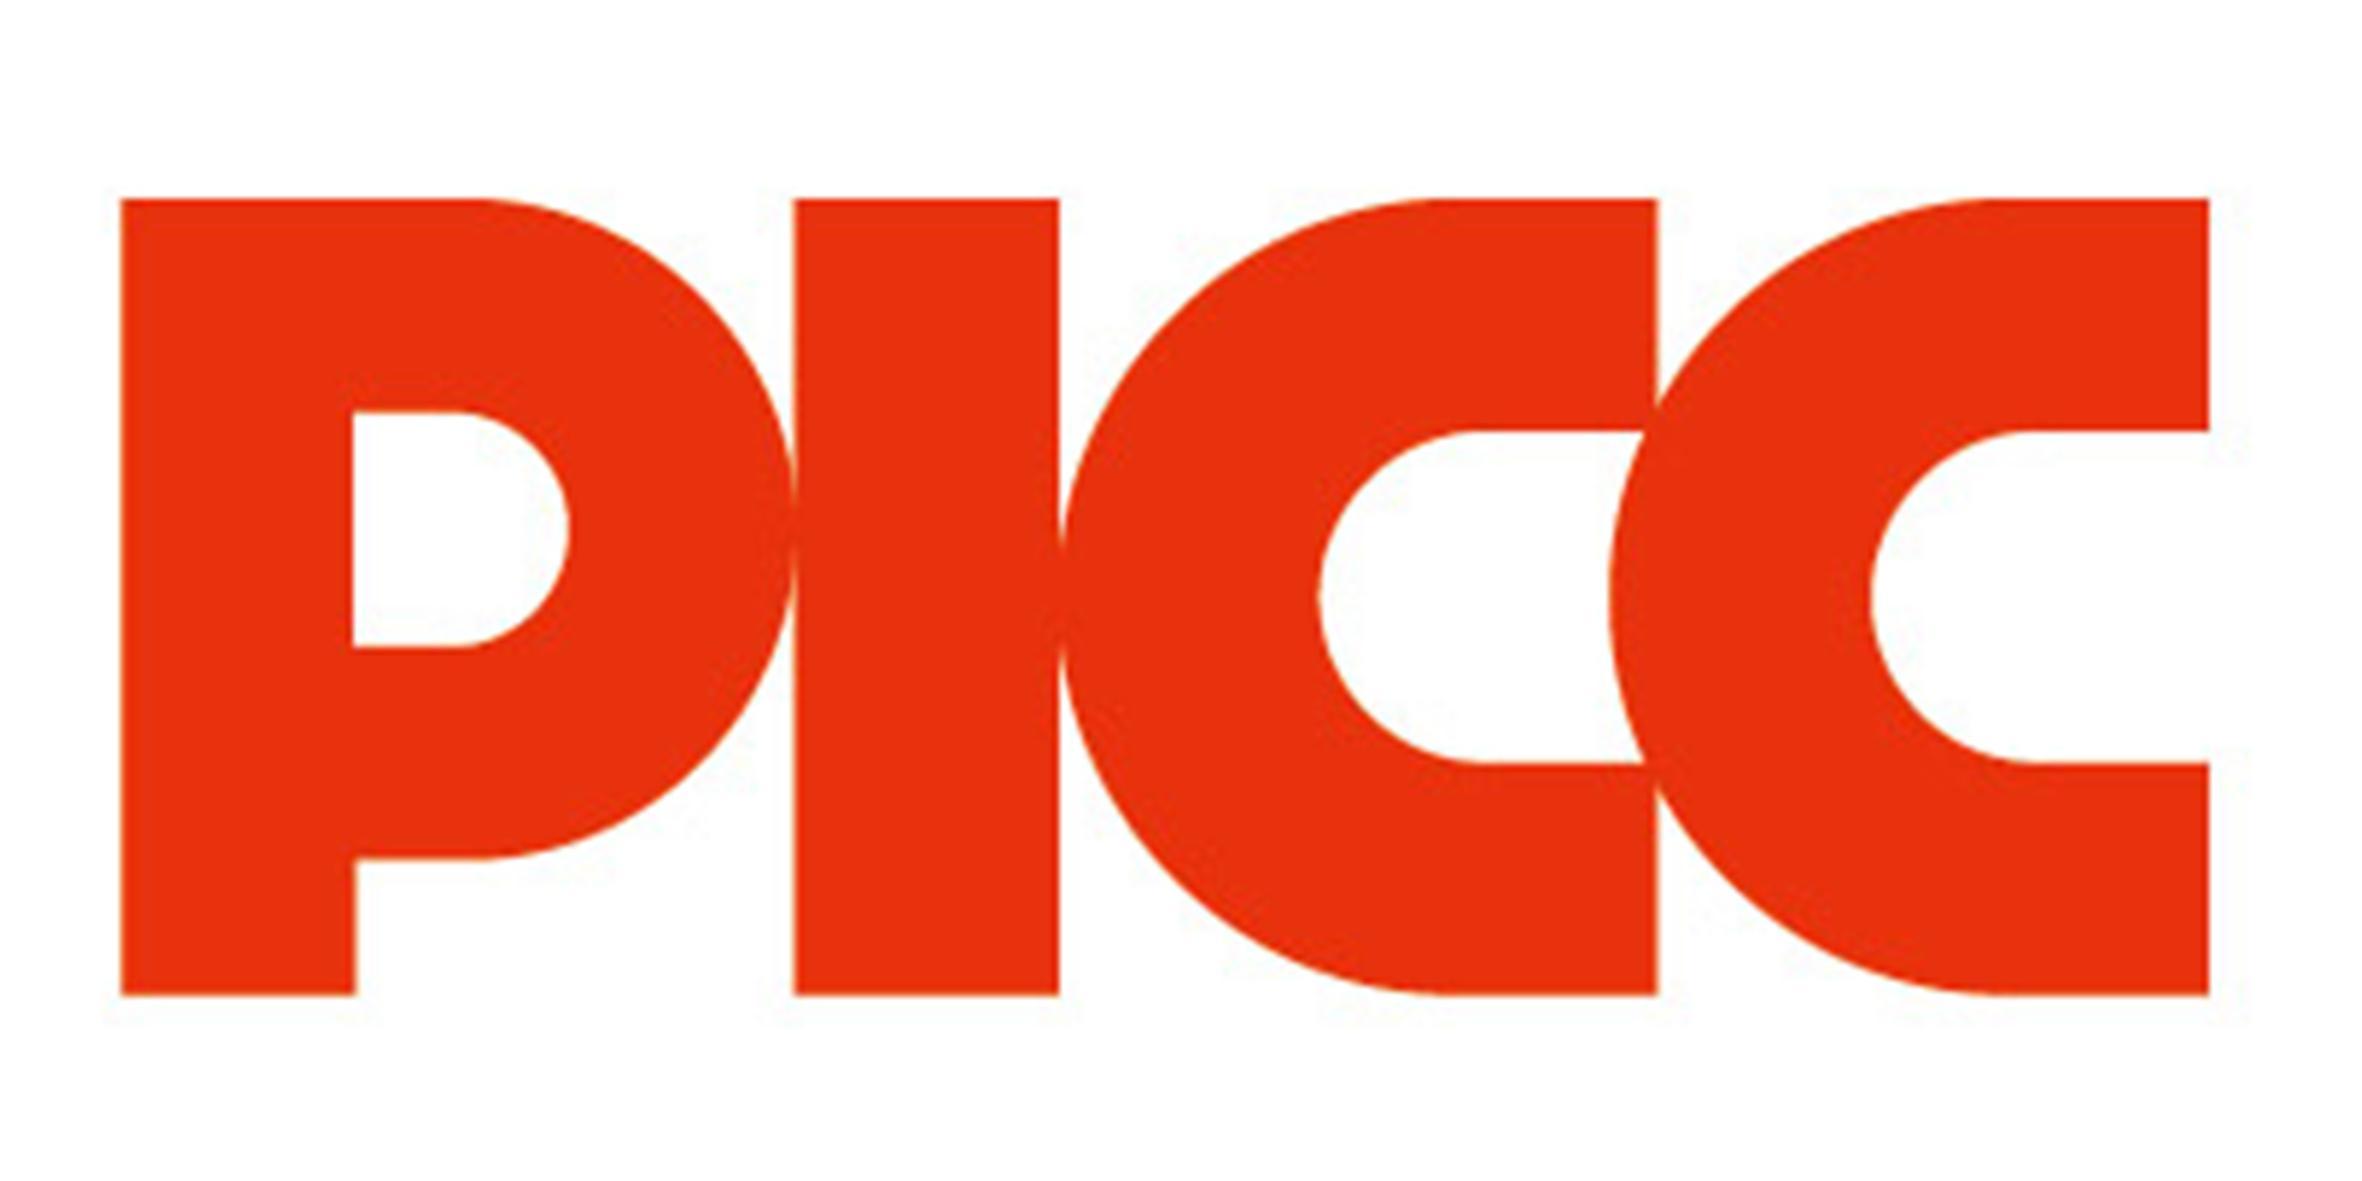 logo logo 标志 设计 矢量 矢量图 素材 图标 2362_1181